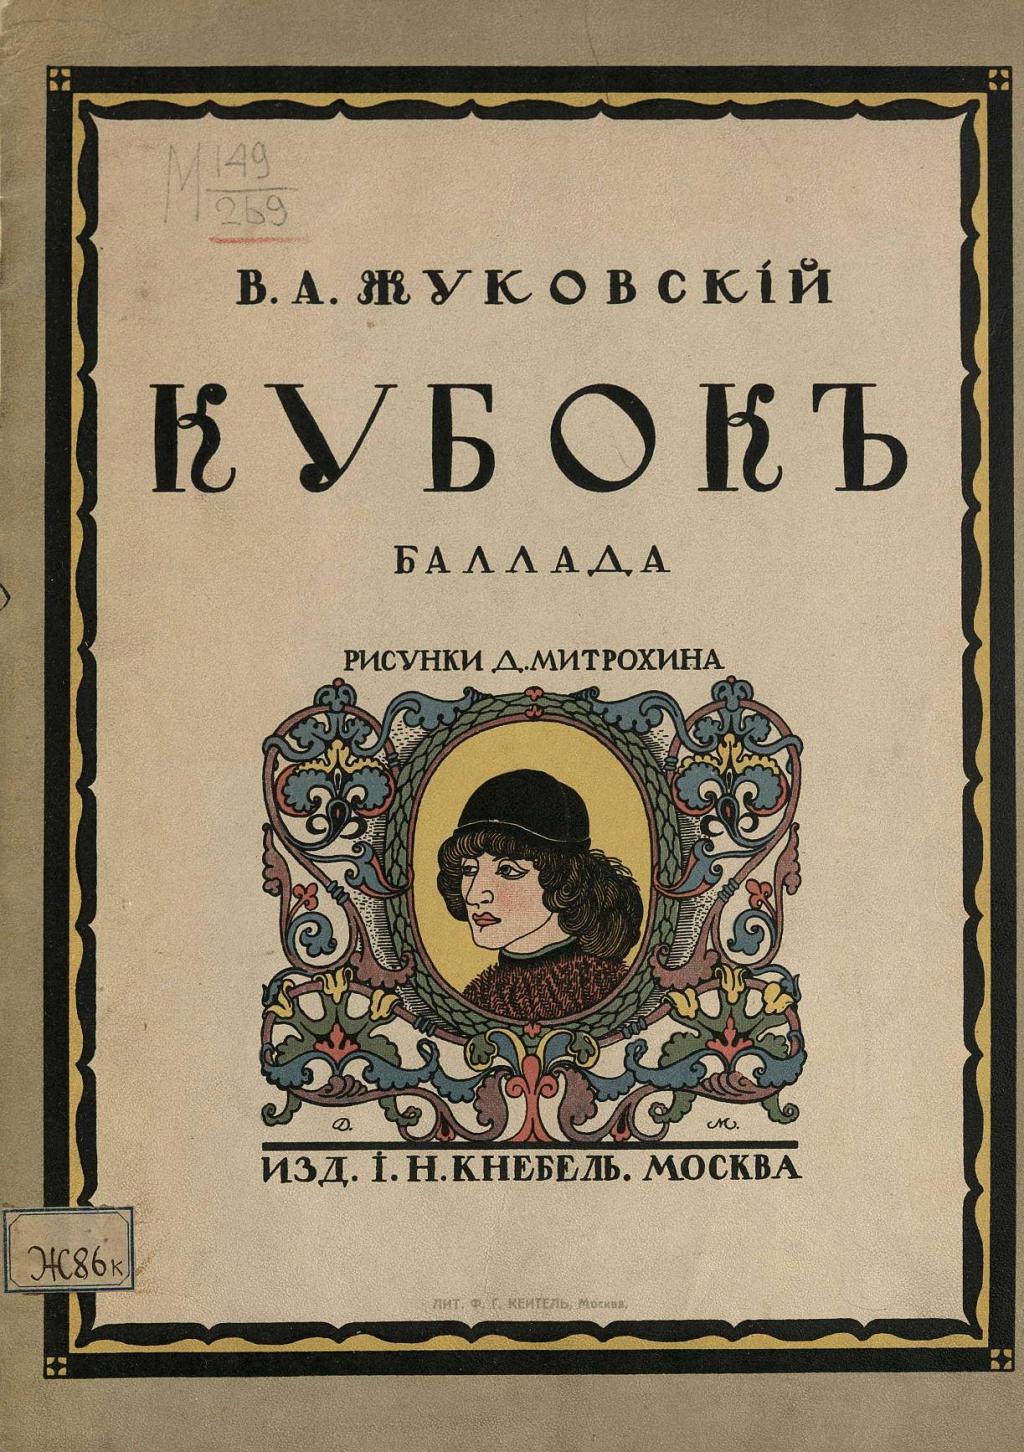 Жуковский Василий Андреевич «Кубок. Баллада» Издание И. Н. Кнебель, 1913